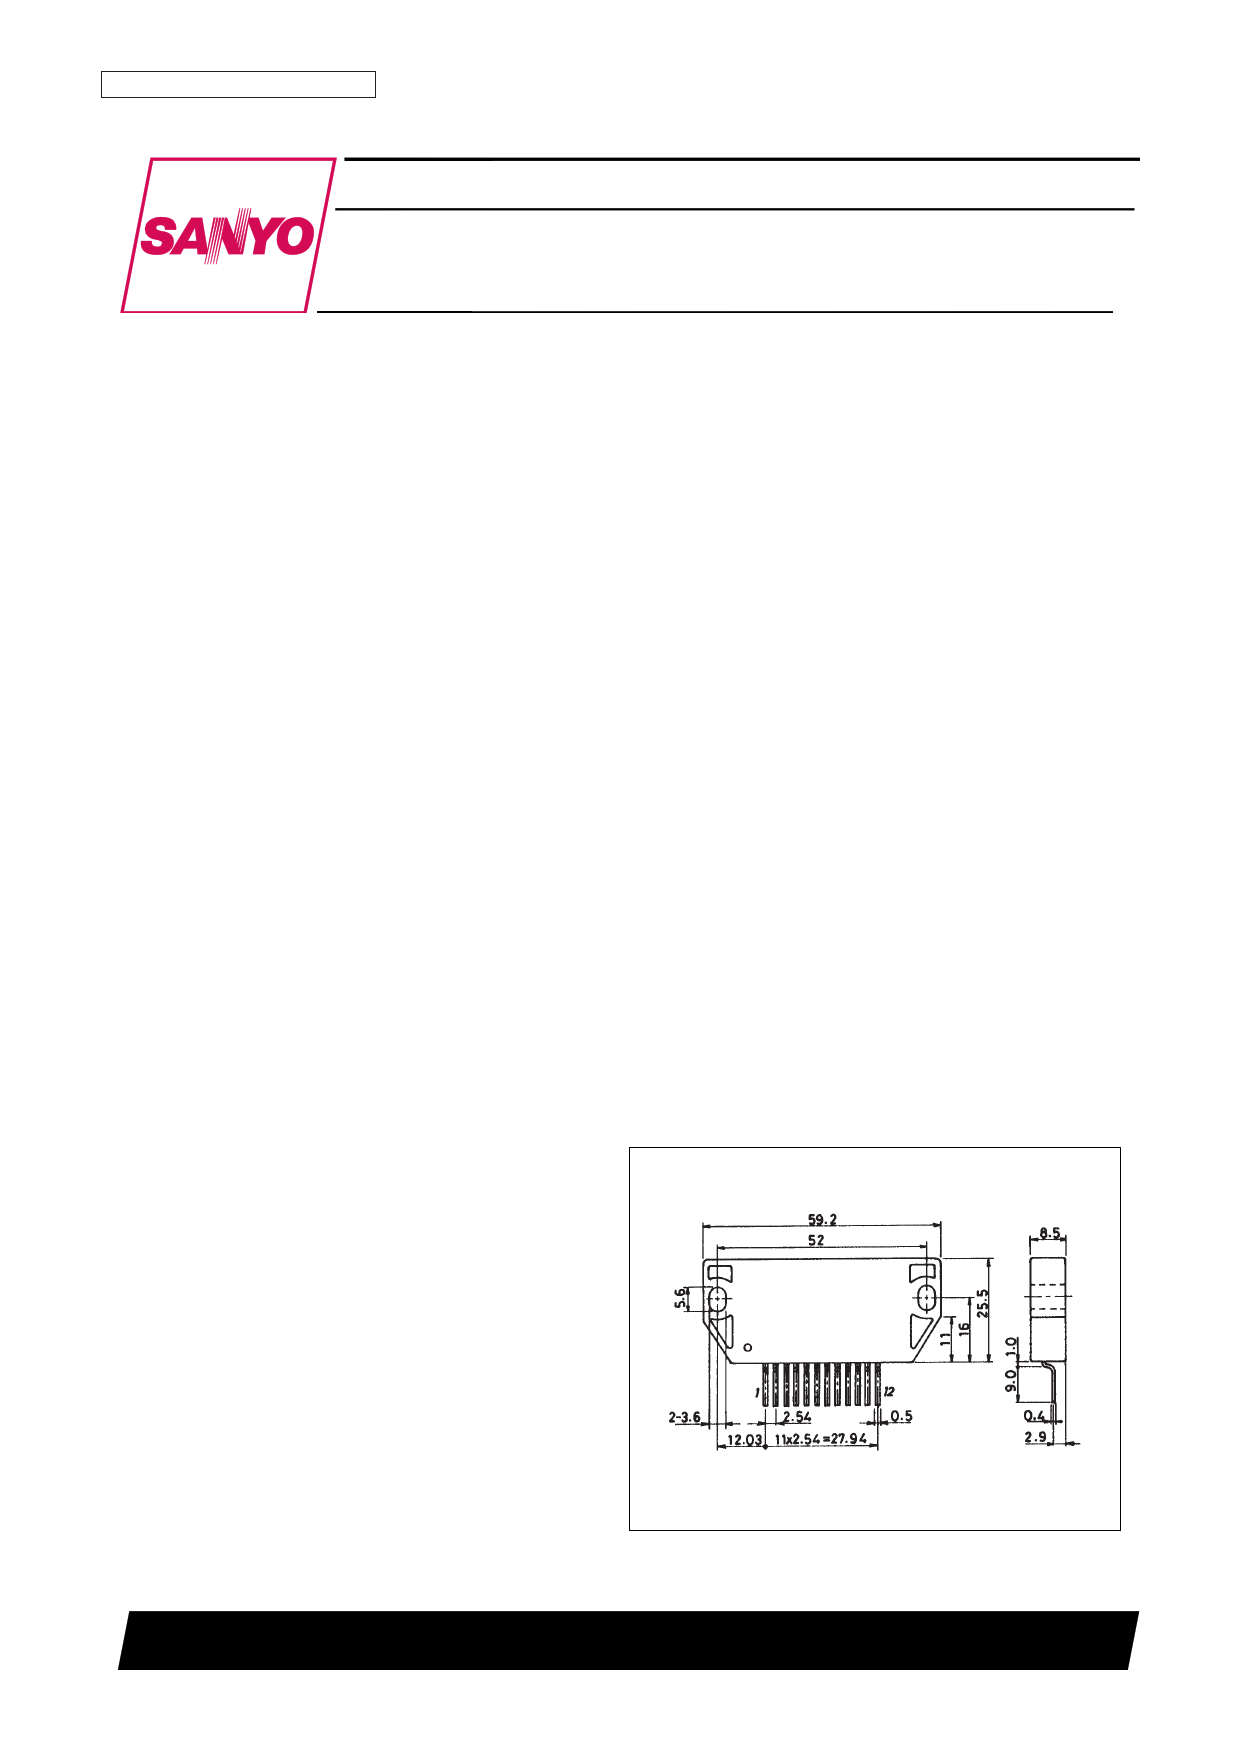 STK732C datasheet, circuit